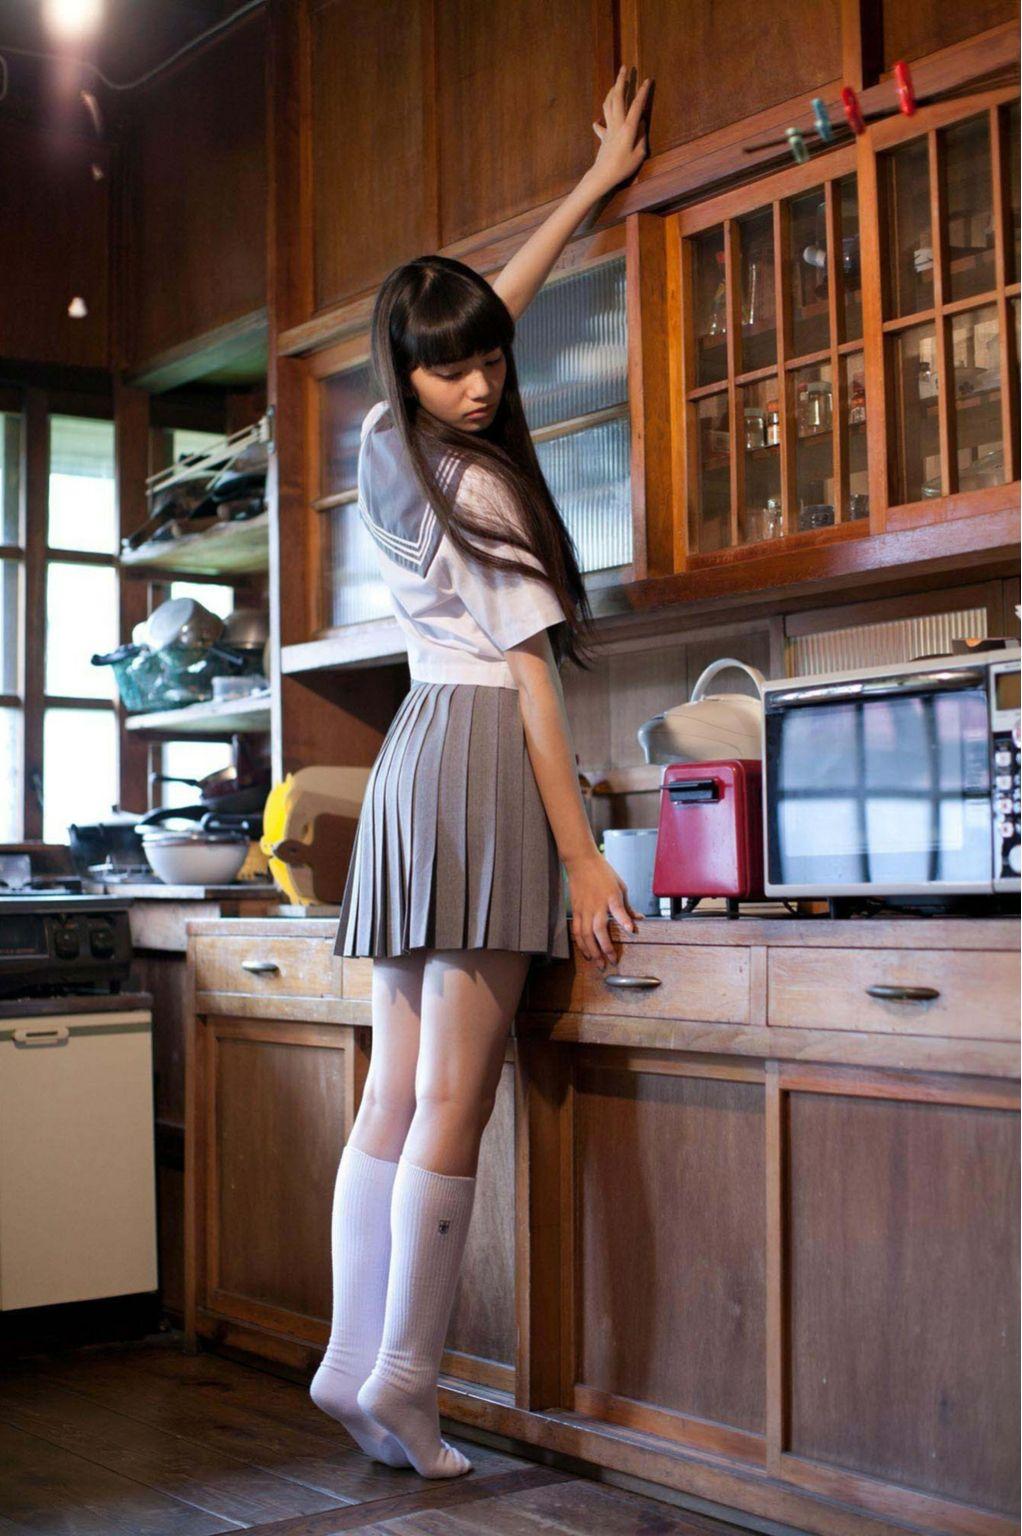 清純、美麗》水手服制服美少女》Cute Girl Pretty Girls 漂亮、可愛》